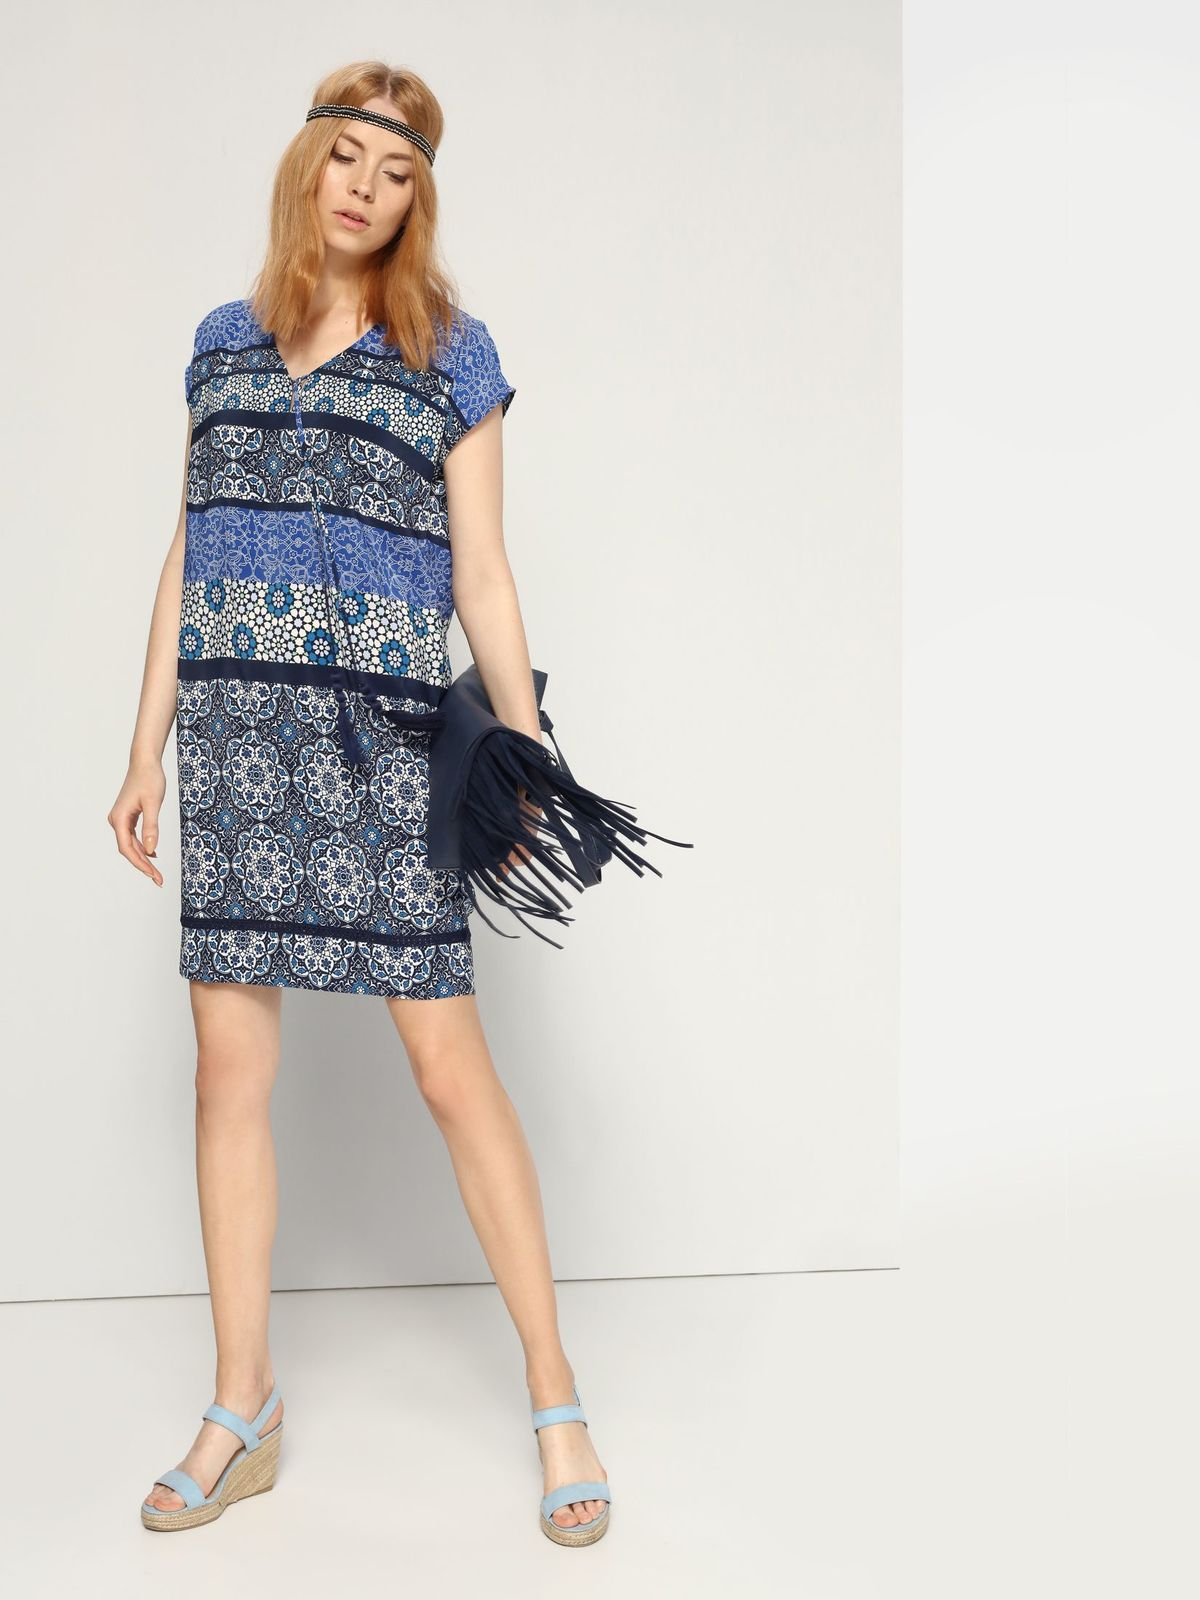 Платье Top Secret, цвет: темно-синий, мультиколор. SSU1573GR. Размер 36 (42) шорты женские top secret цвет оранжевый ssz0727po размер 36 42